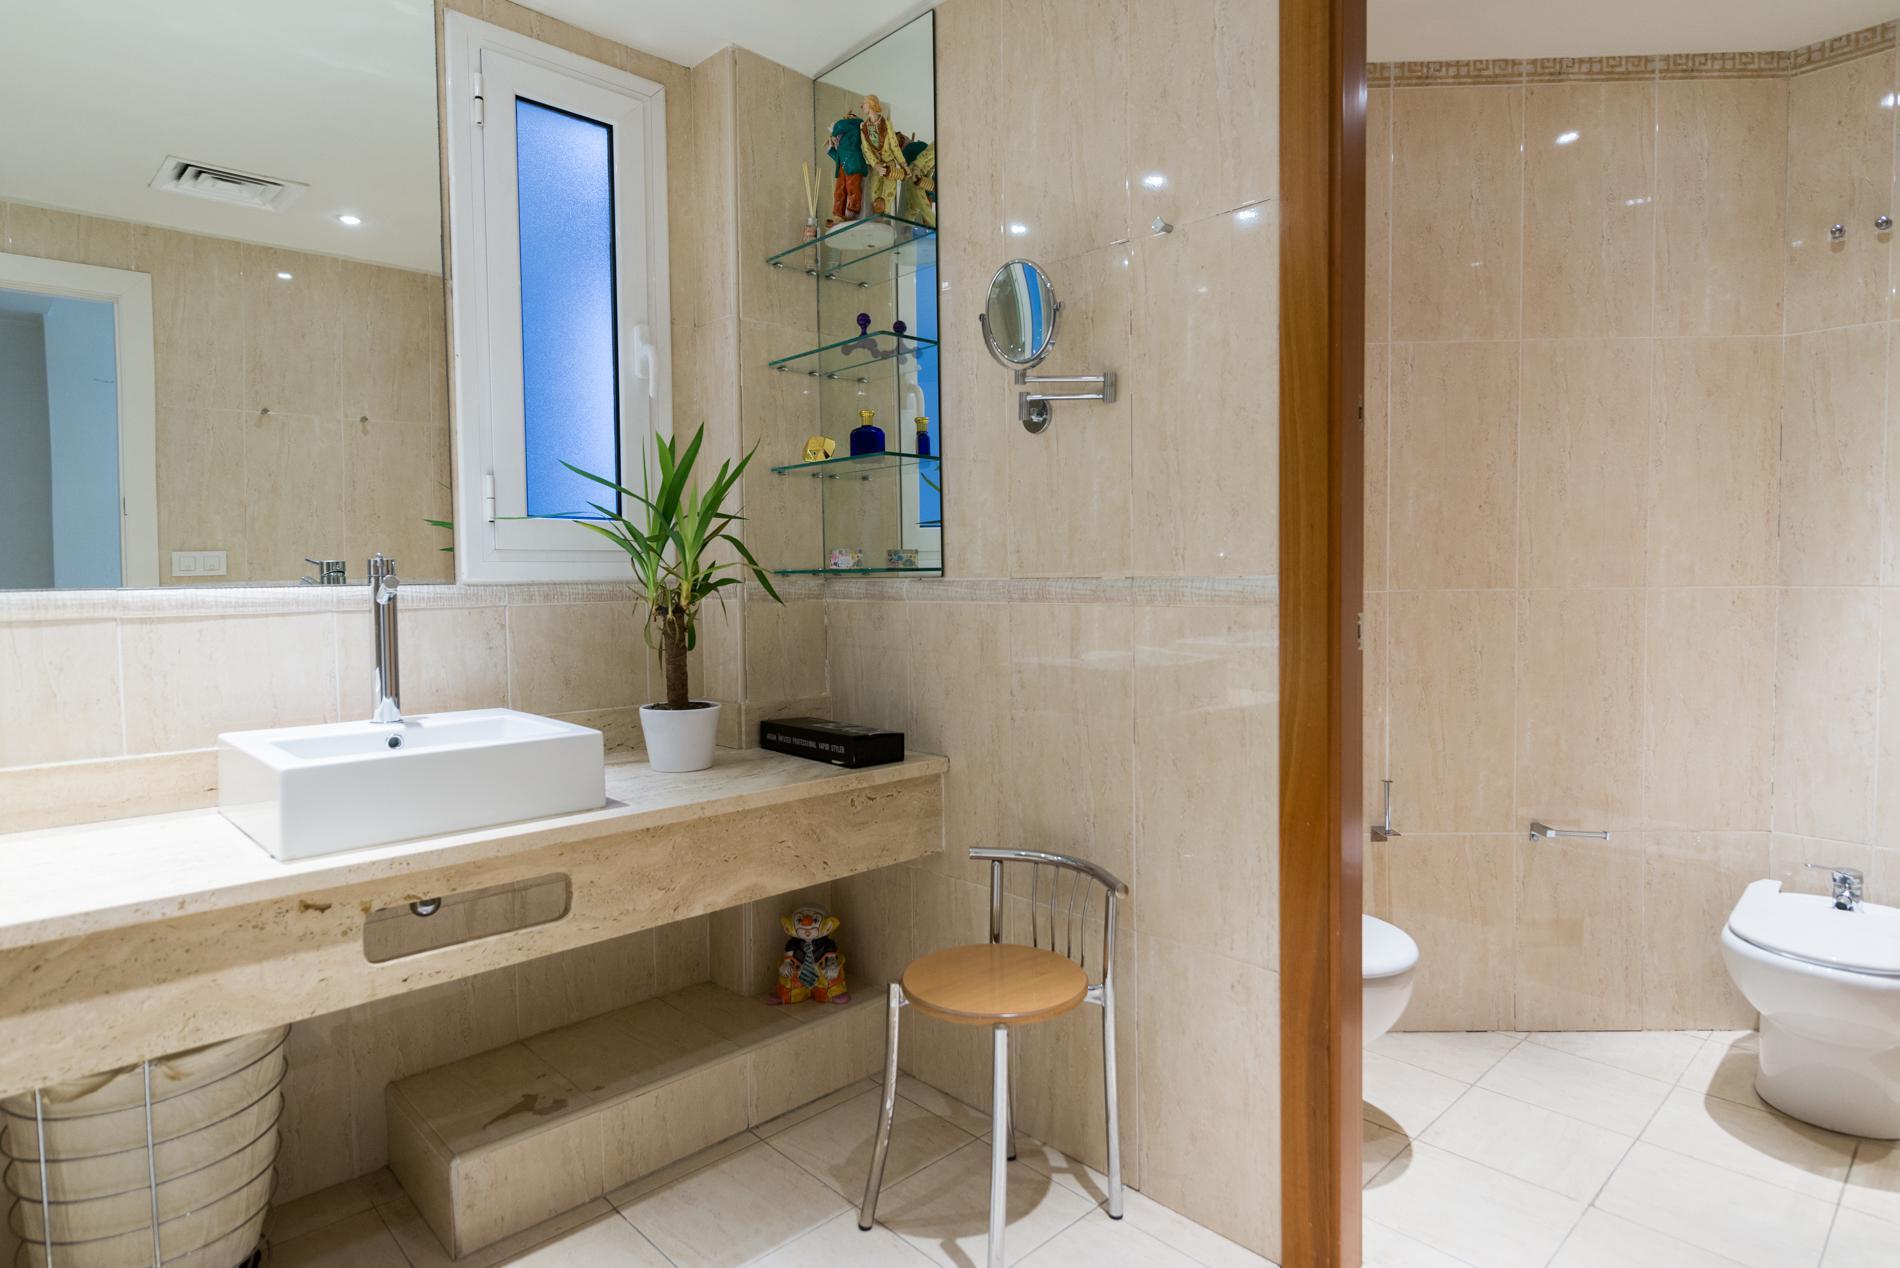 222426 Apartment for sale in Eixample, Dreta Eixample 27